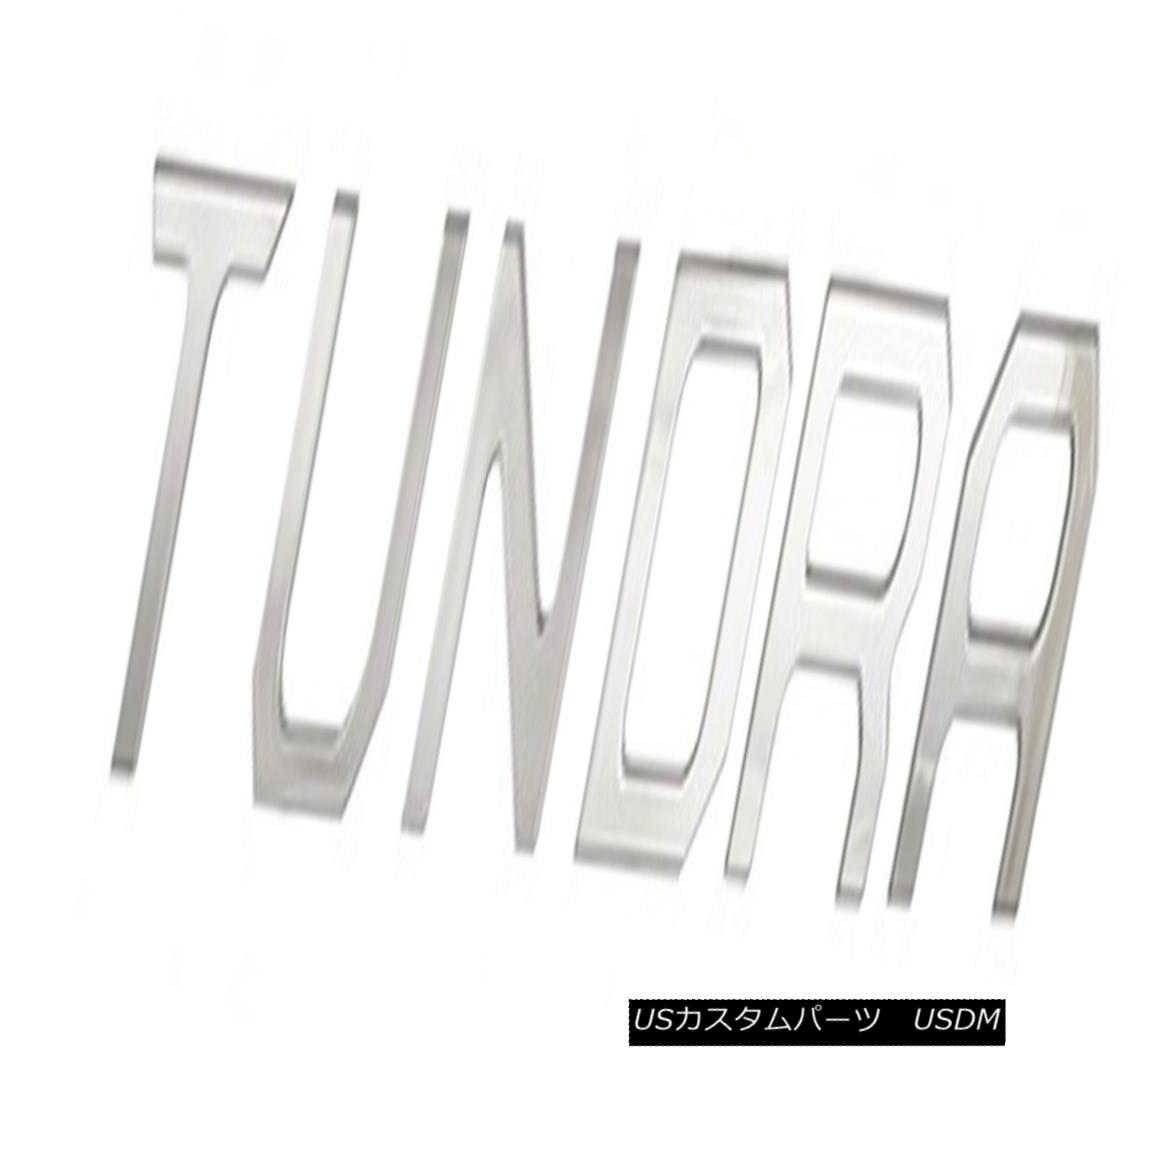 グリル For 14-15 Tundra Accent Letters T-U-N-D-R-A CCITUNDRA01S T-U-N-D-R-A CCITUNDRA01S